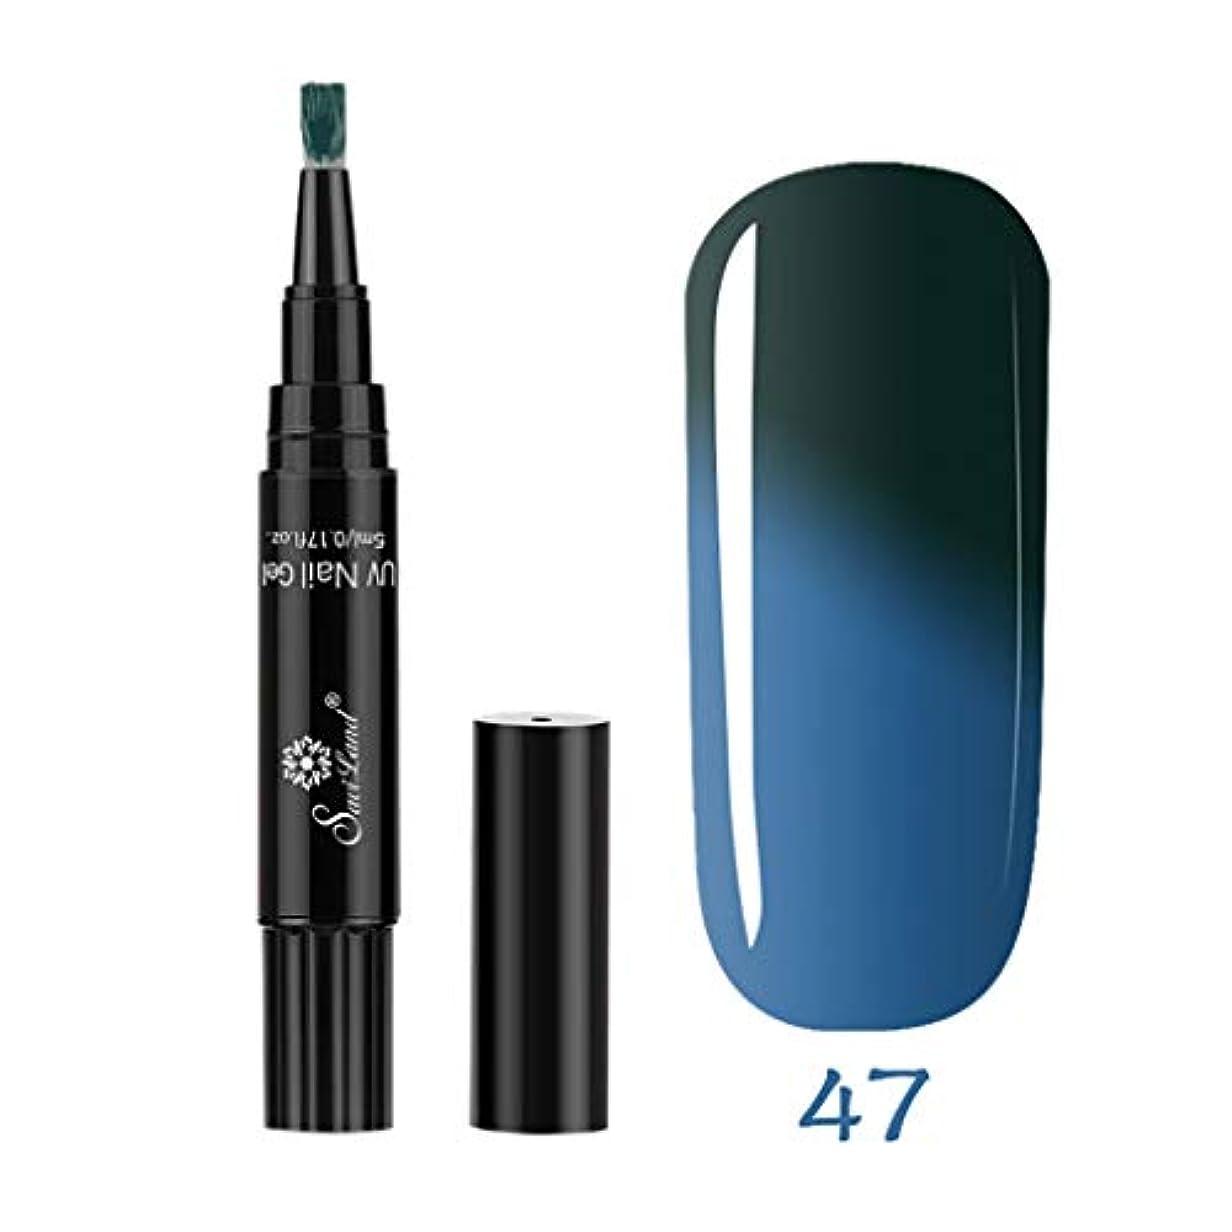 教義後悔修羅場1ステップネイルジェルペンに1 Pc 3 UV温度変更ジェルを使用するには1ステップネイル (H)